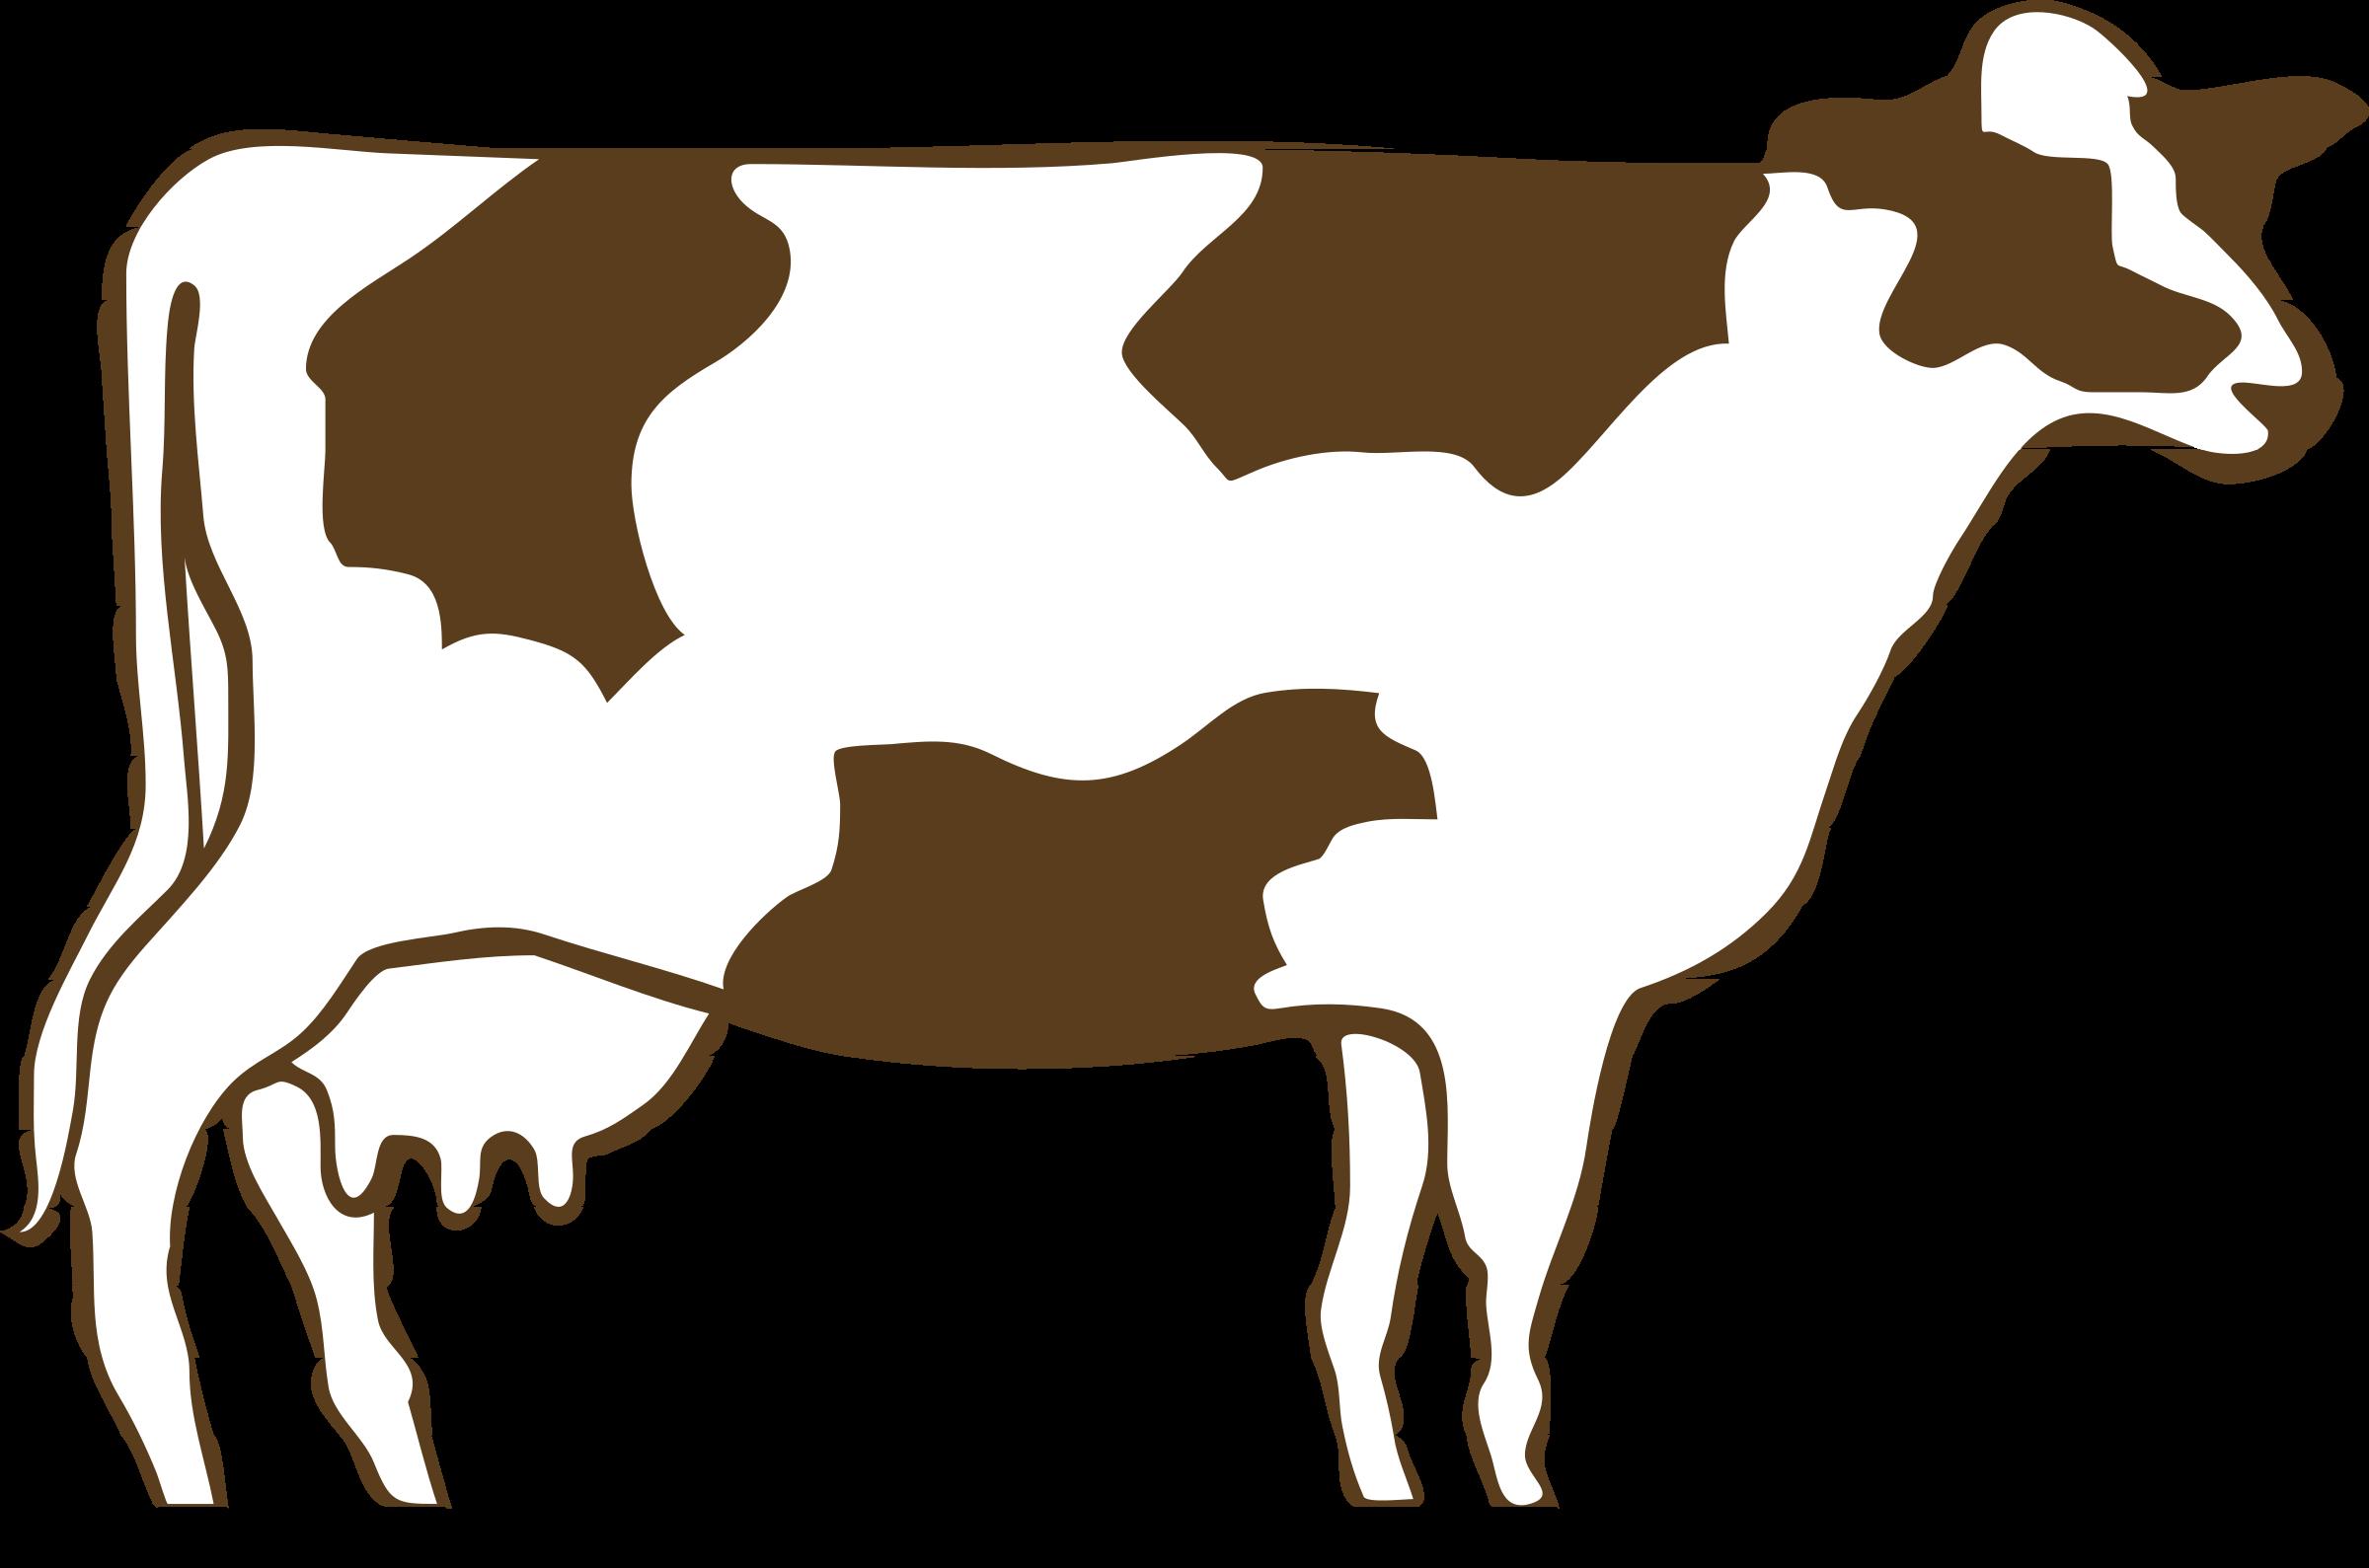 Architetto vacca pezzata rossa. Clipart cow back